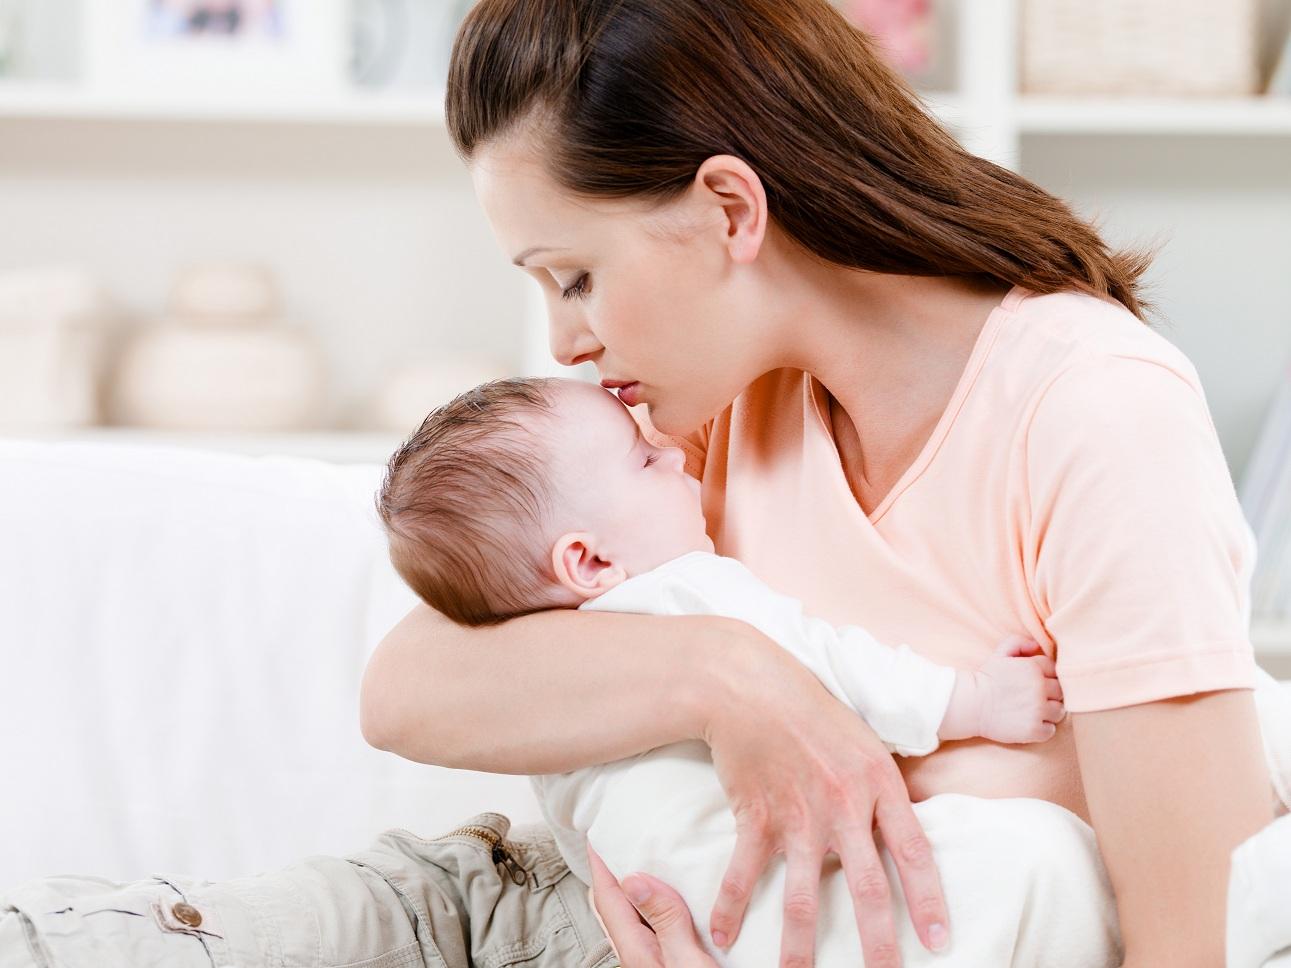 O excesso de leite pode causar dores na mama (Foto: Ilustração)